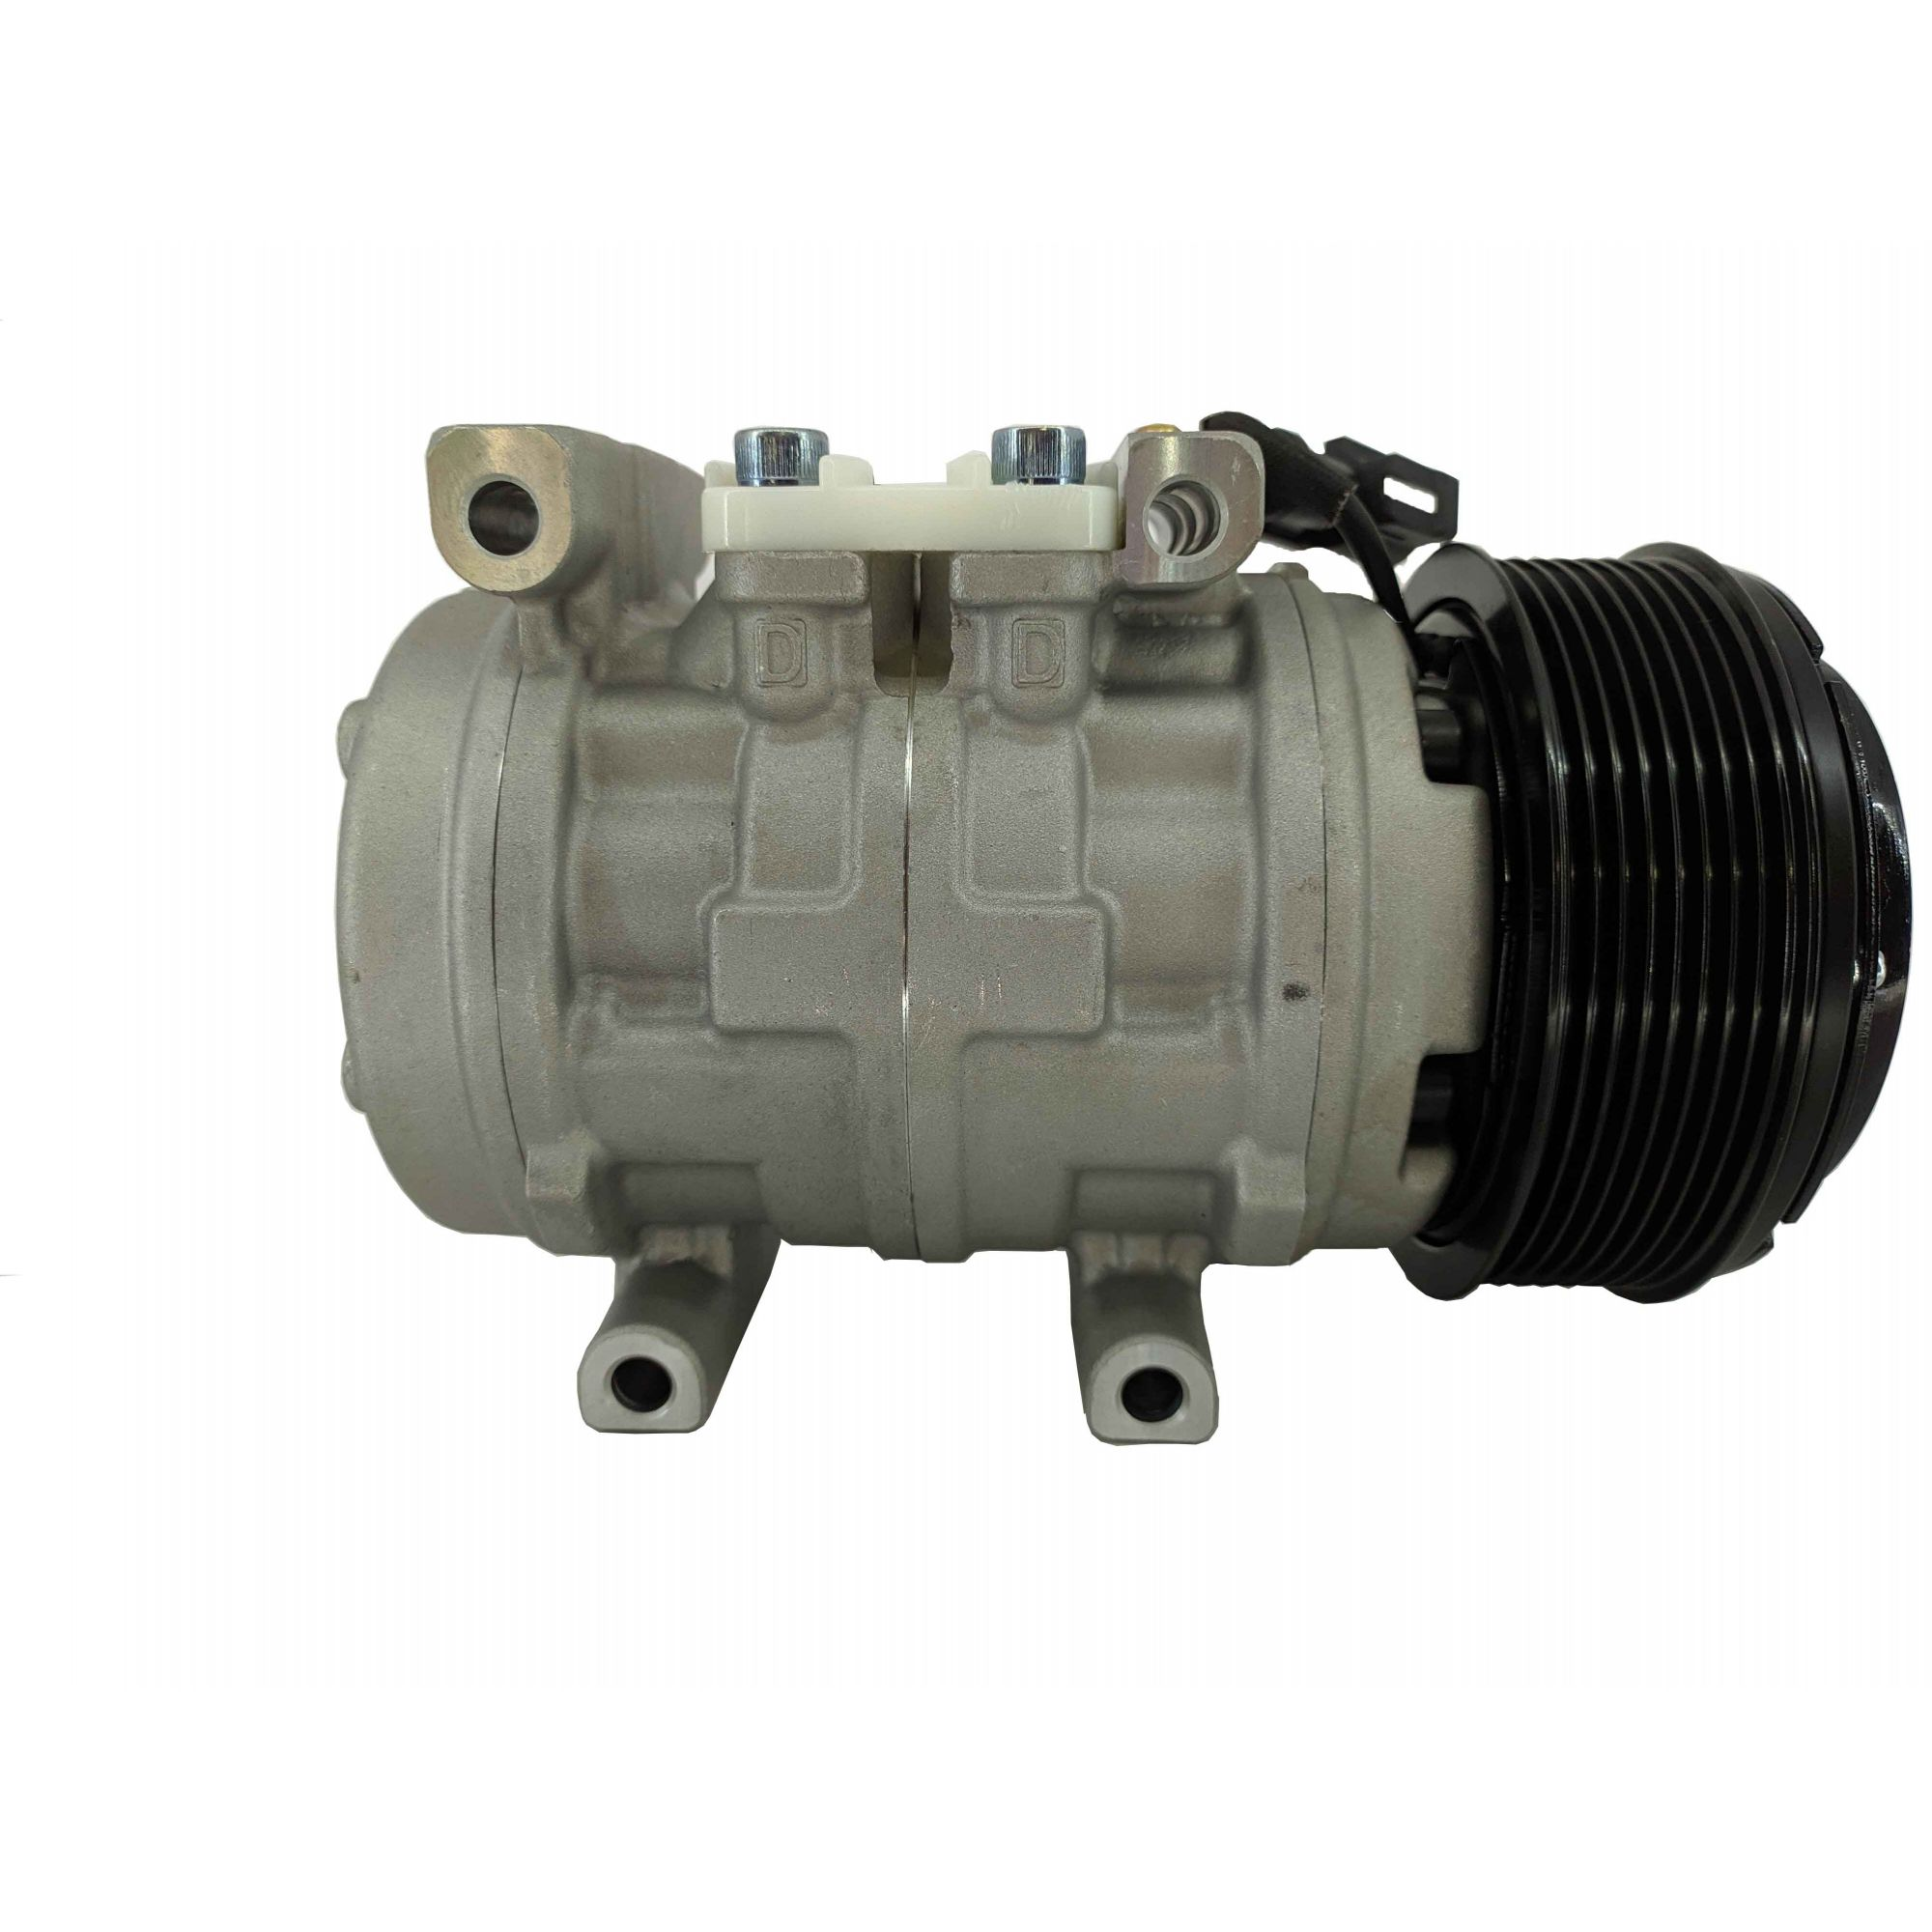 Compressor Ford F250 Motor Cummins 12v + Brinde